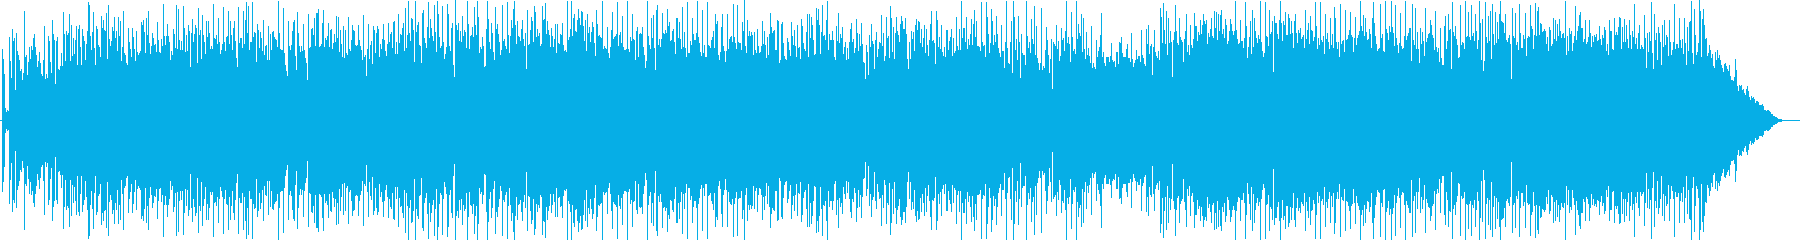 ルピナスの再生済みの波形